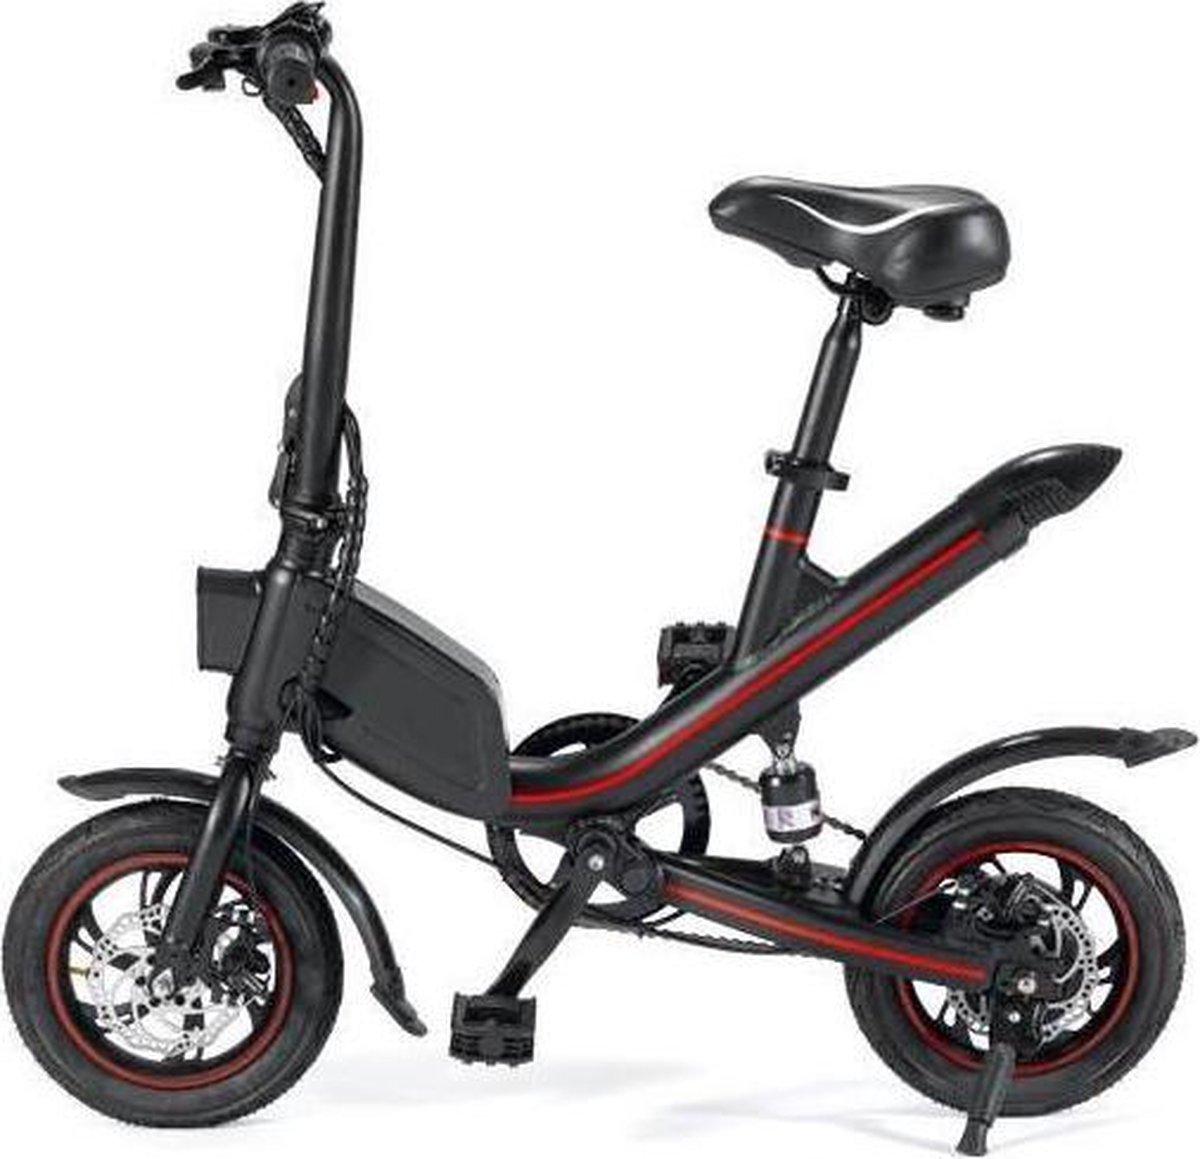 OUXI™ Elektrische Fiets - E BIKE - Fiets - City Bike - Stad Fiets - Bike - Fietsen - eBike - Trapond